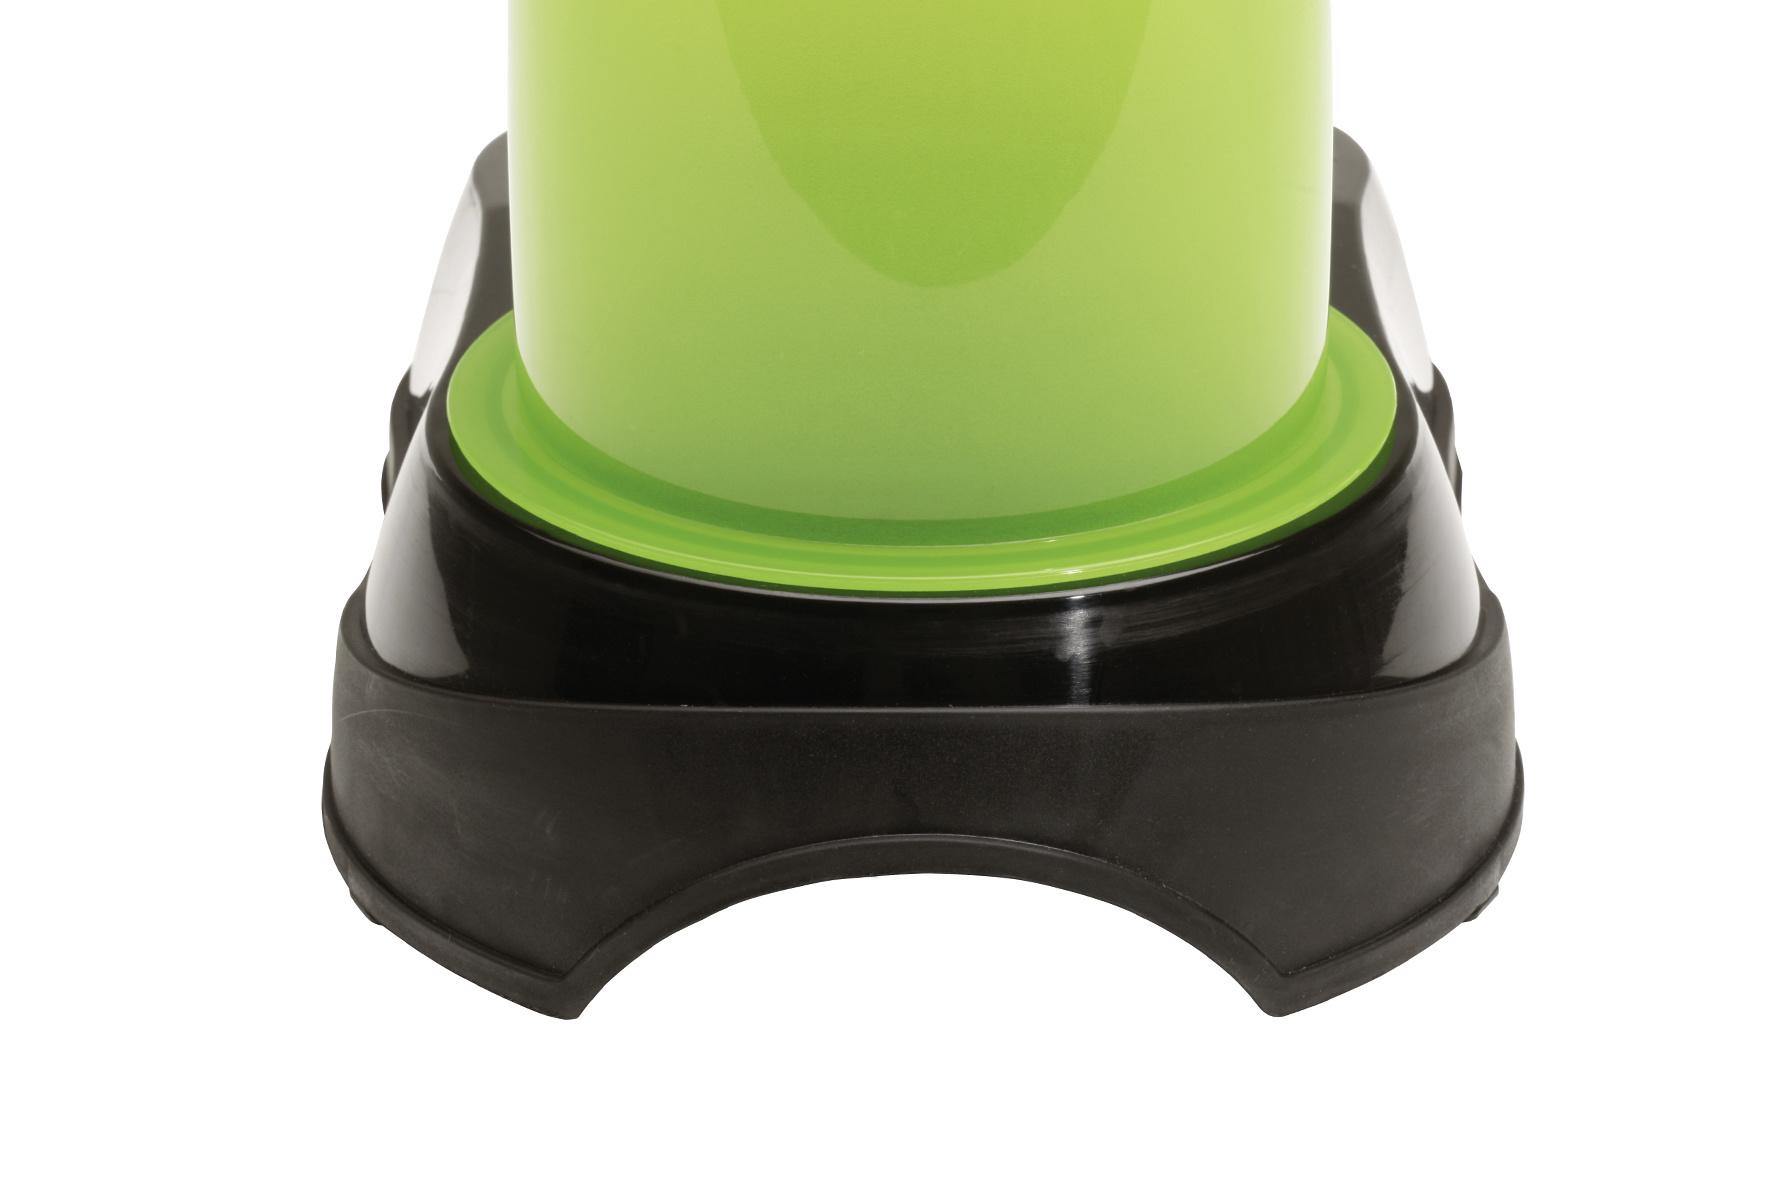 Maelson Maelson Aquaa 250 zwart/groen